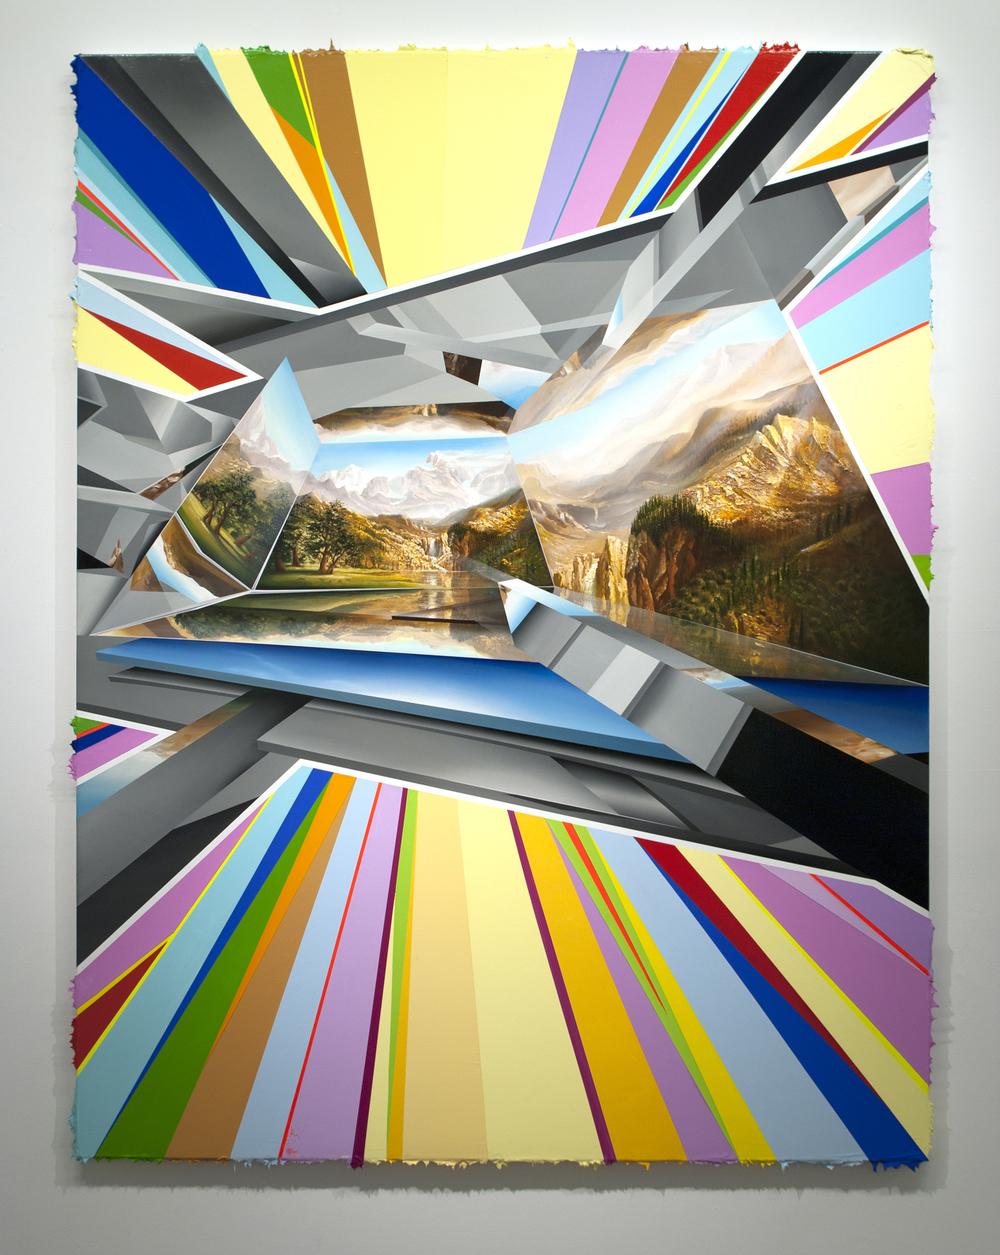 PETER DAVERINGTON     Somewhere Over the Rainbow  2013 Oil and acrylic on canvas 207 x 157 cm